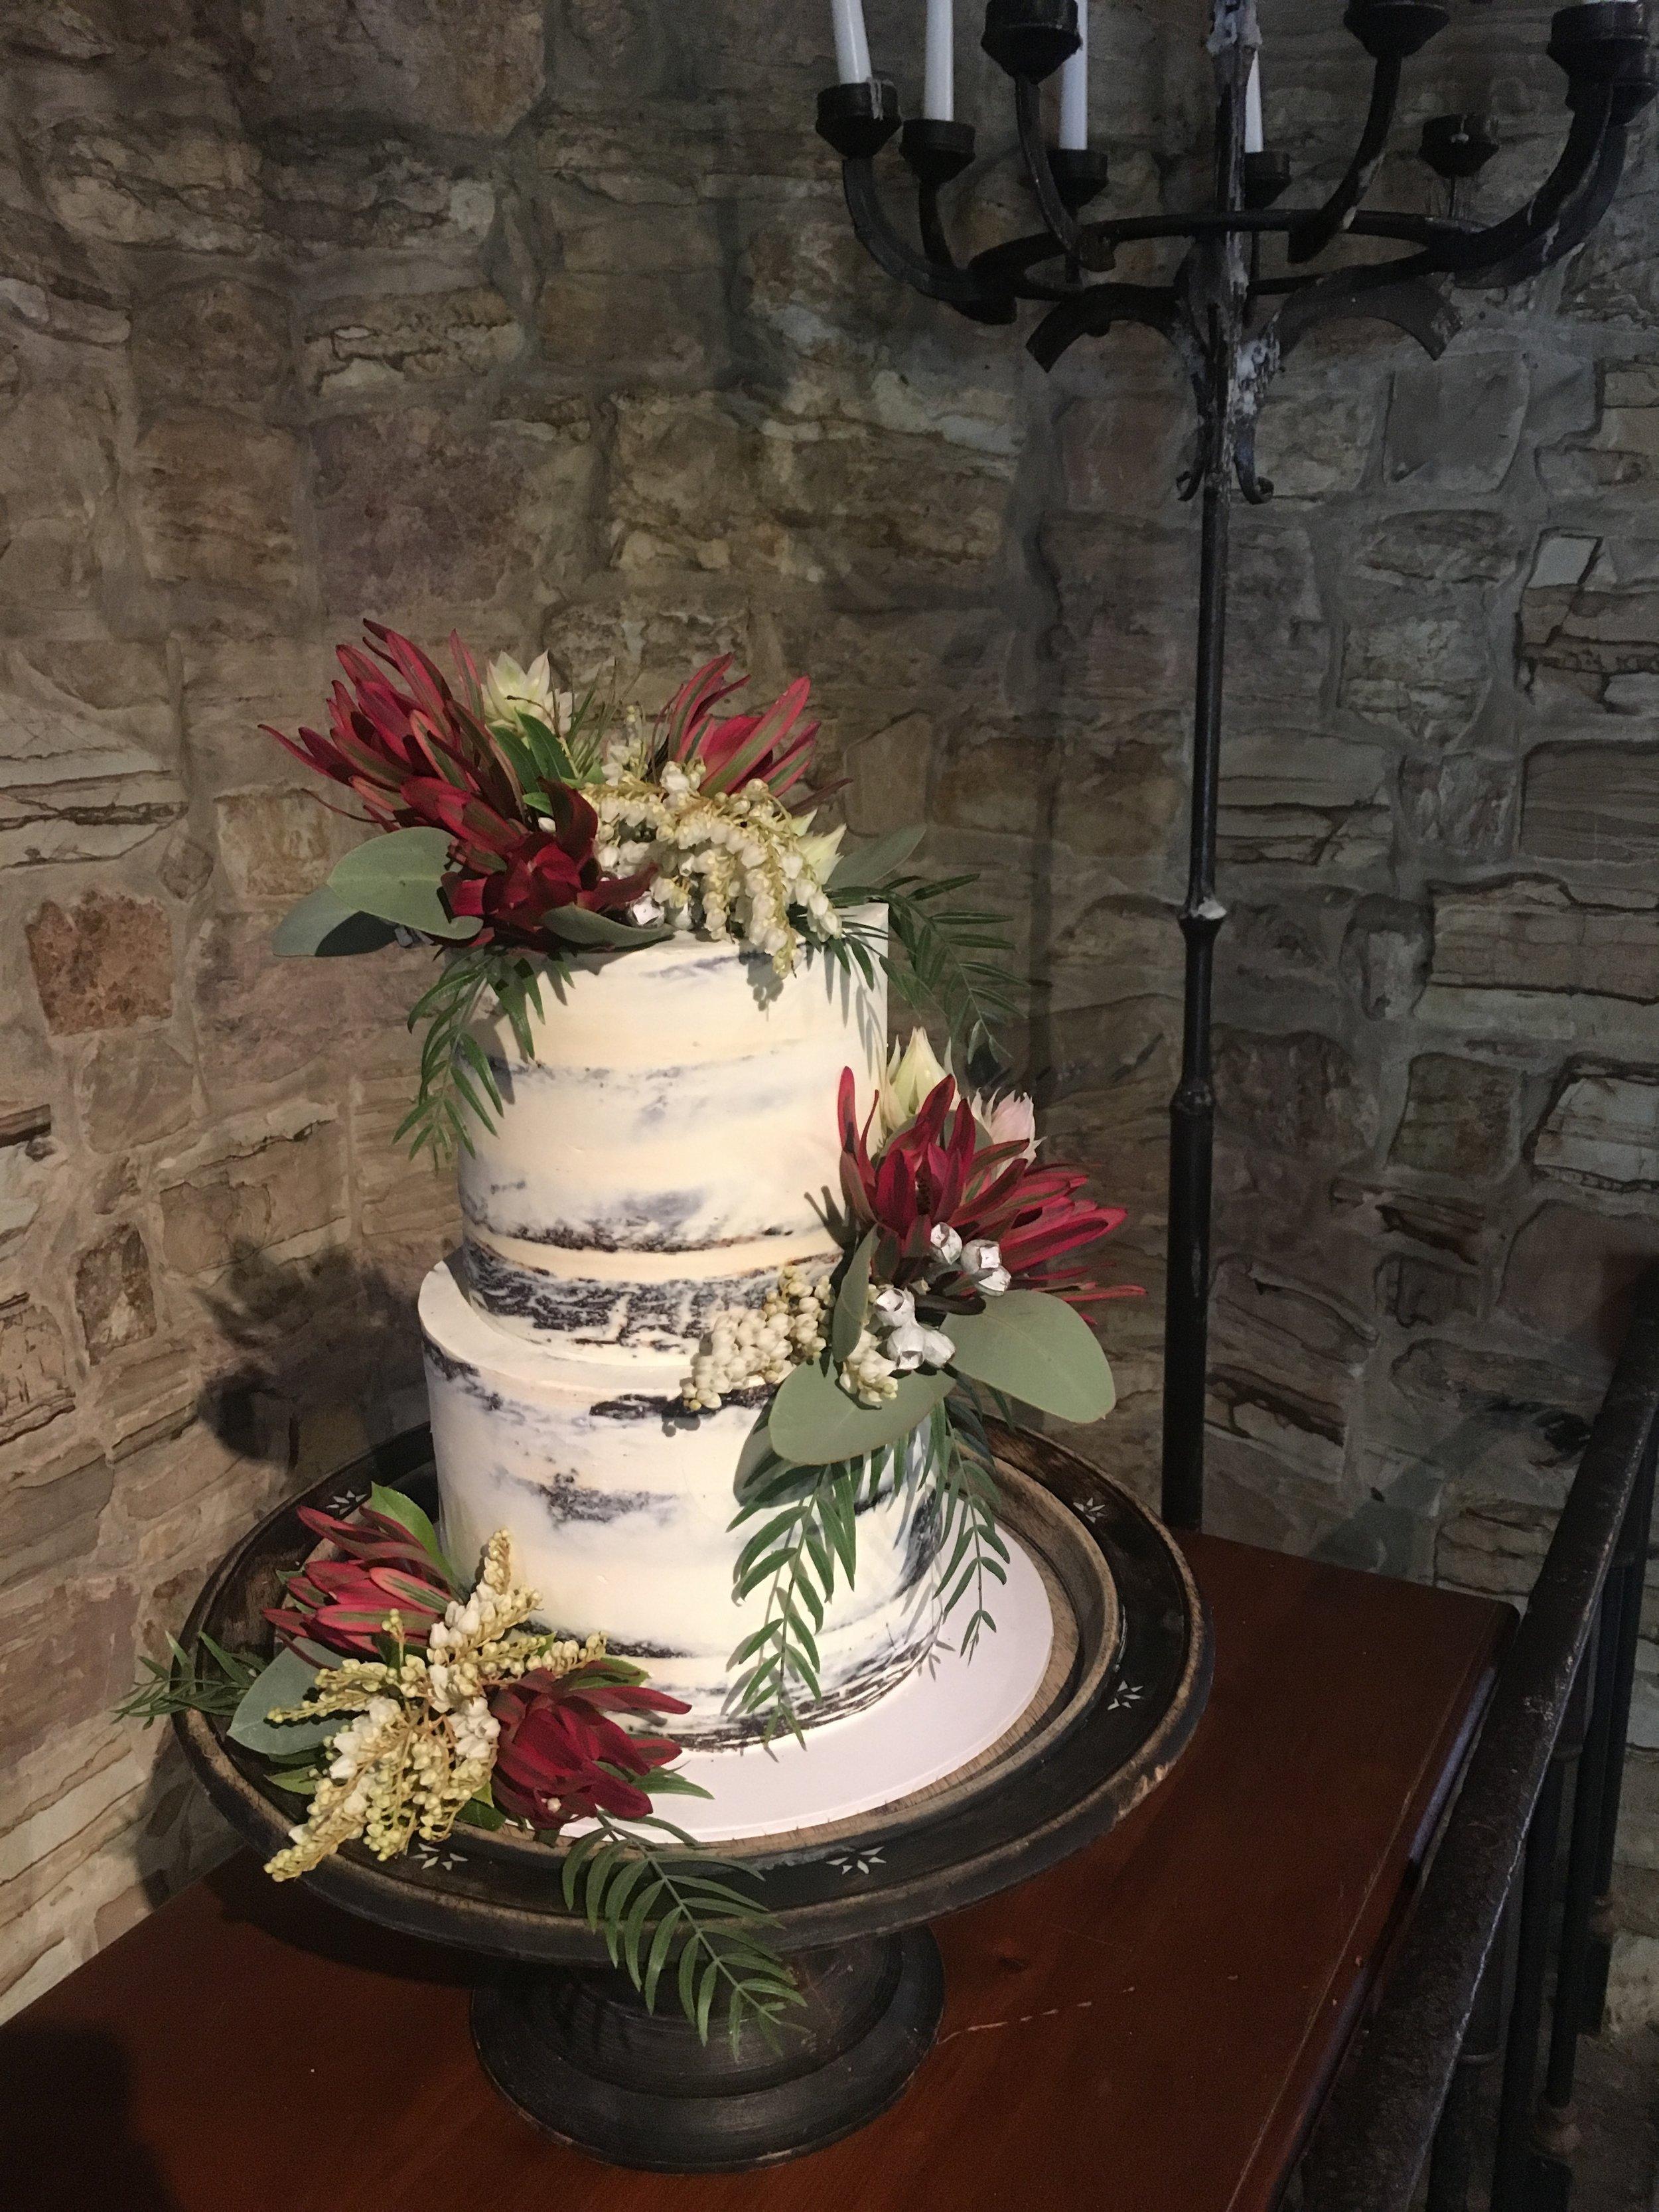 Naked Wedding Cake with Natives